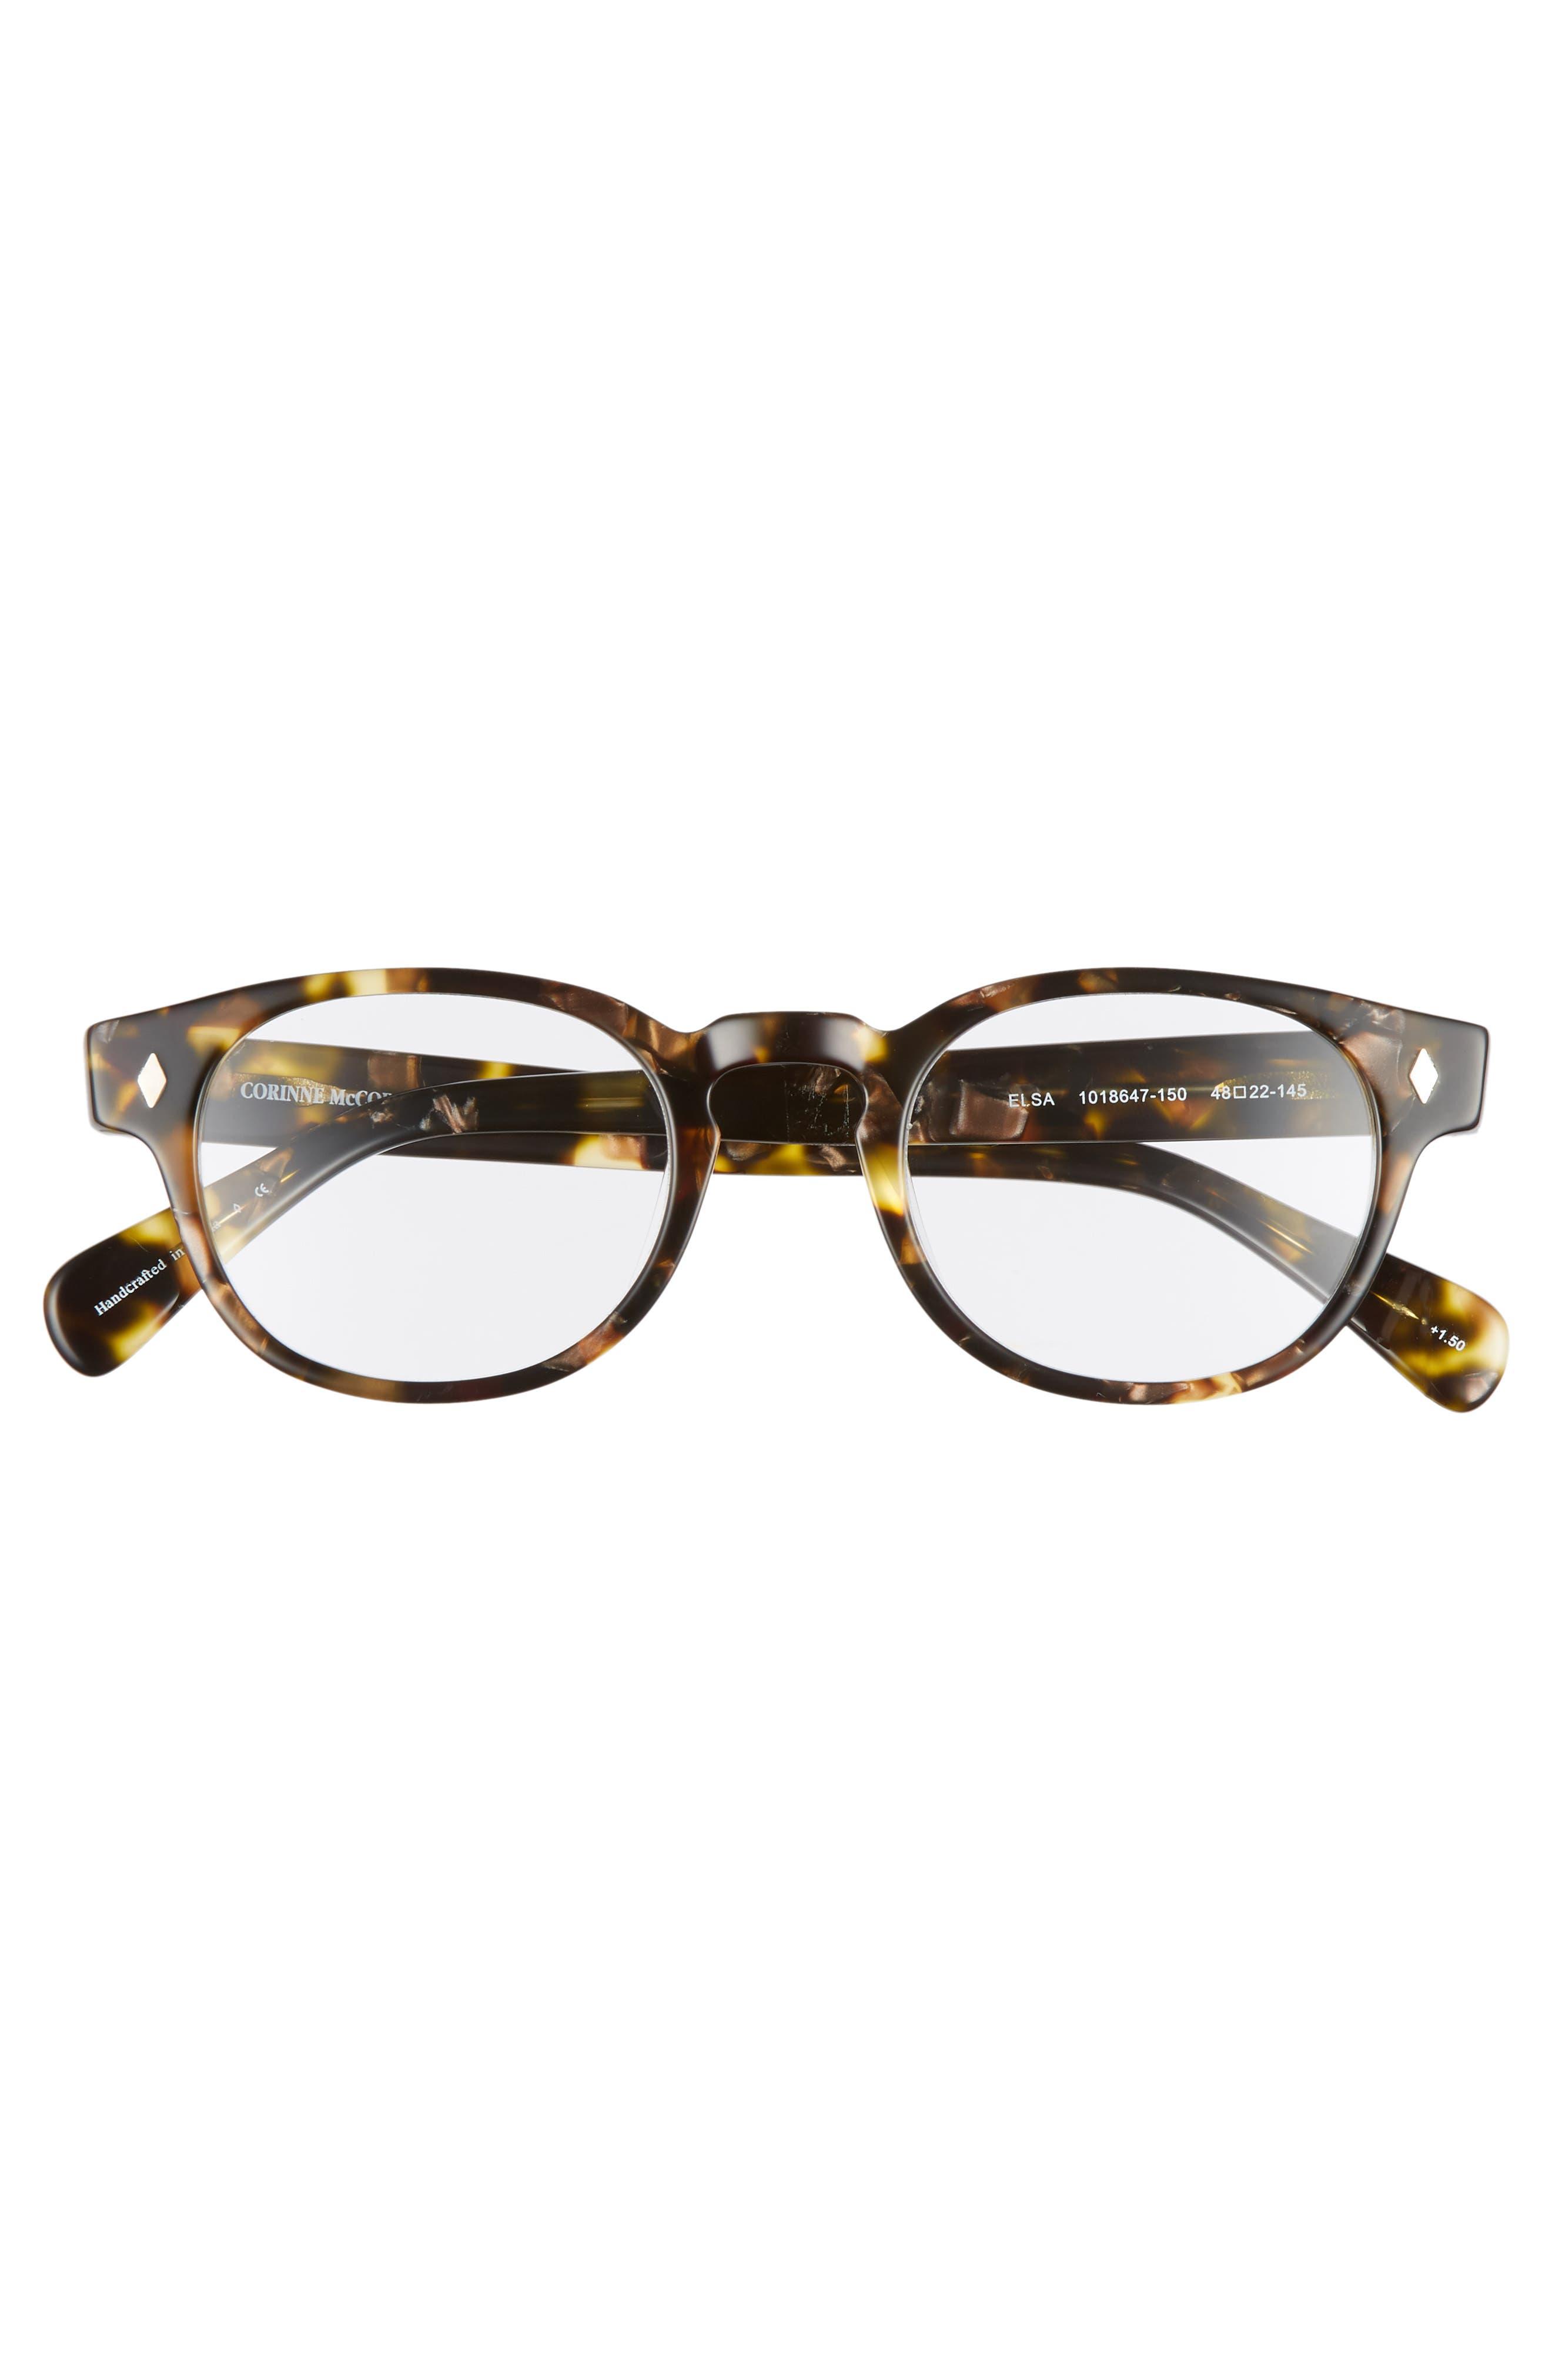 CORINNE MCCORMACK, Elsa 48mm Reading Glasses, Alternate thumbnail 3, color, METALLIC TORTOISE